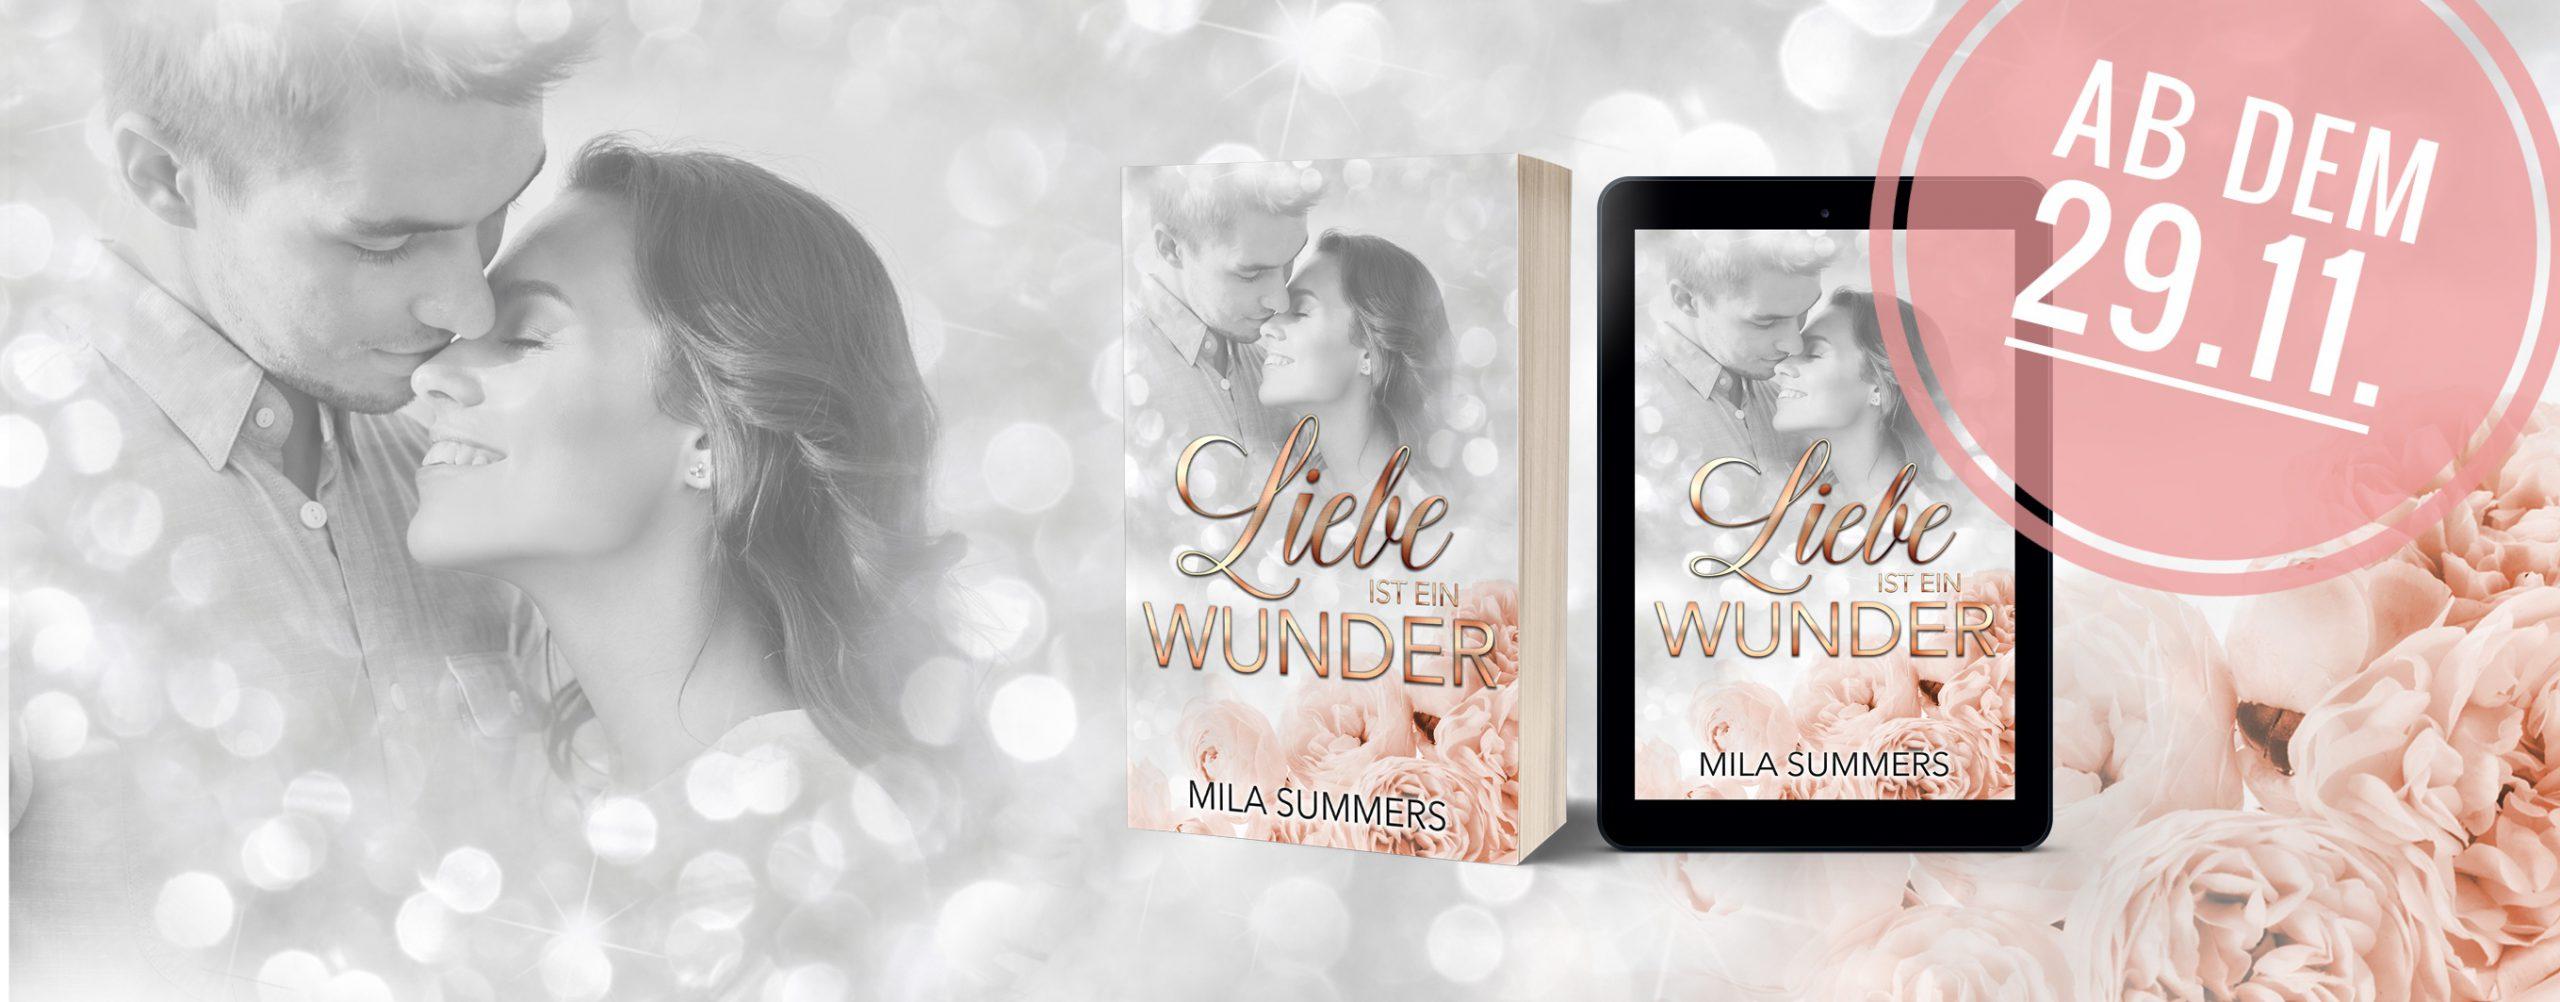 Liebe ist ein Wunder - Mila Summers - Banner